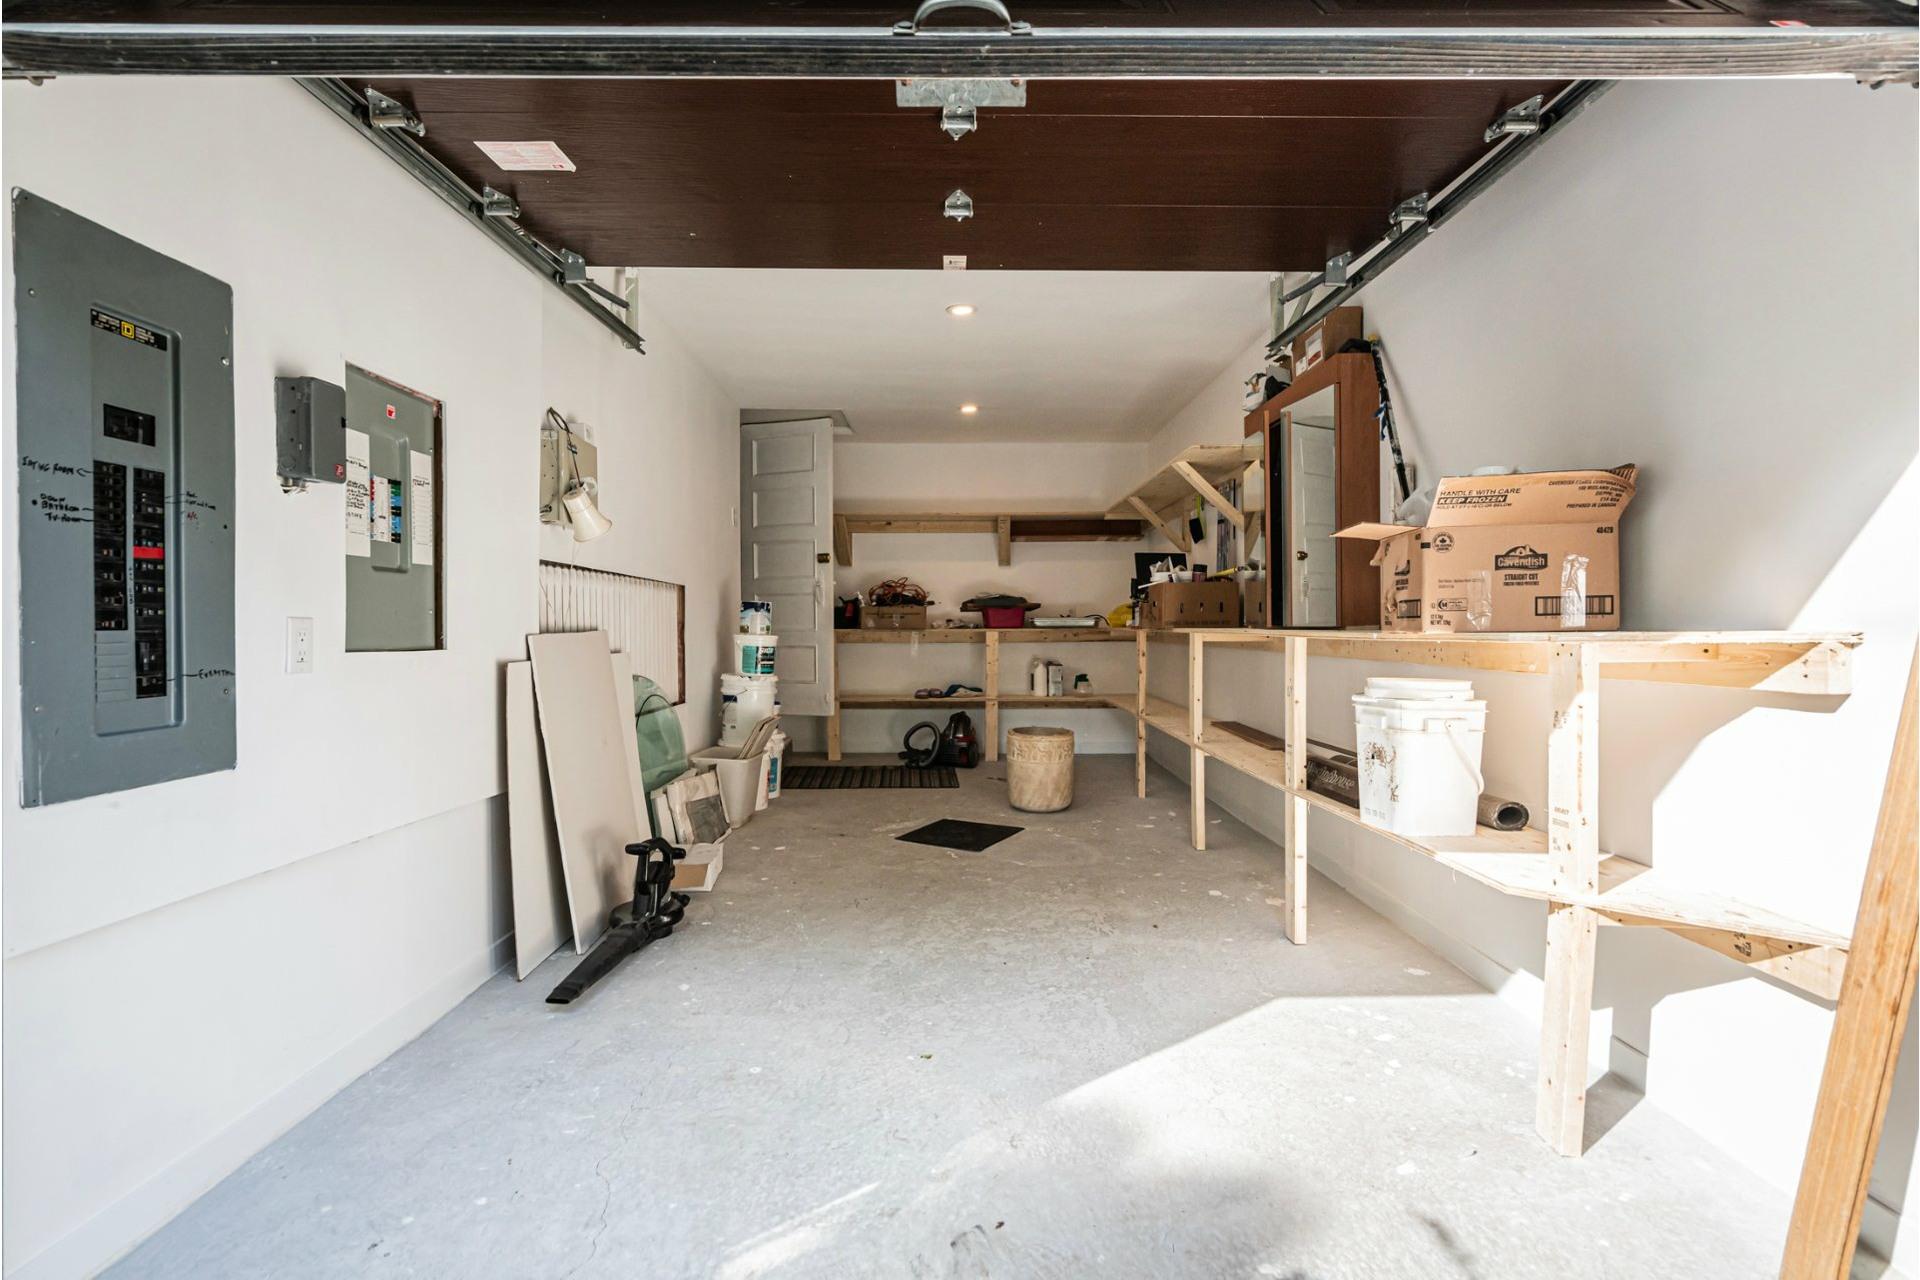 image 43 - Maison À vendre Saint-Laurent Montréal  - 16 pièces